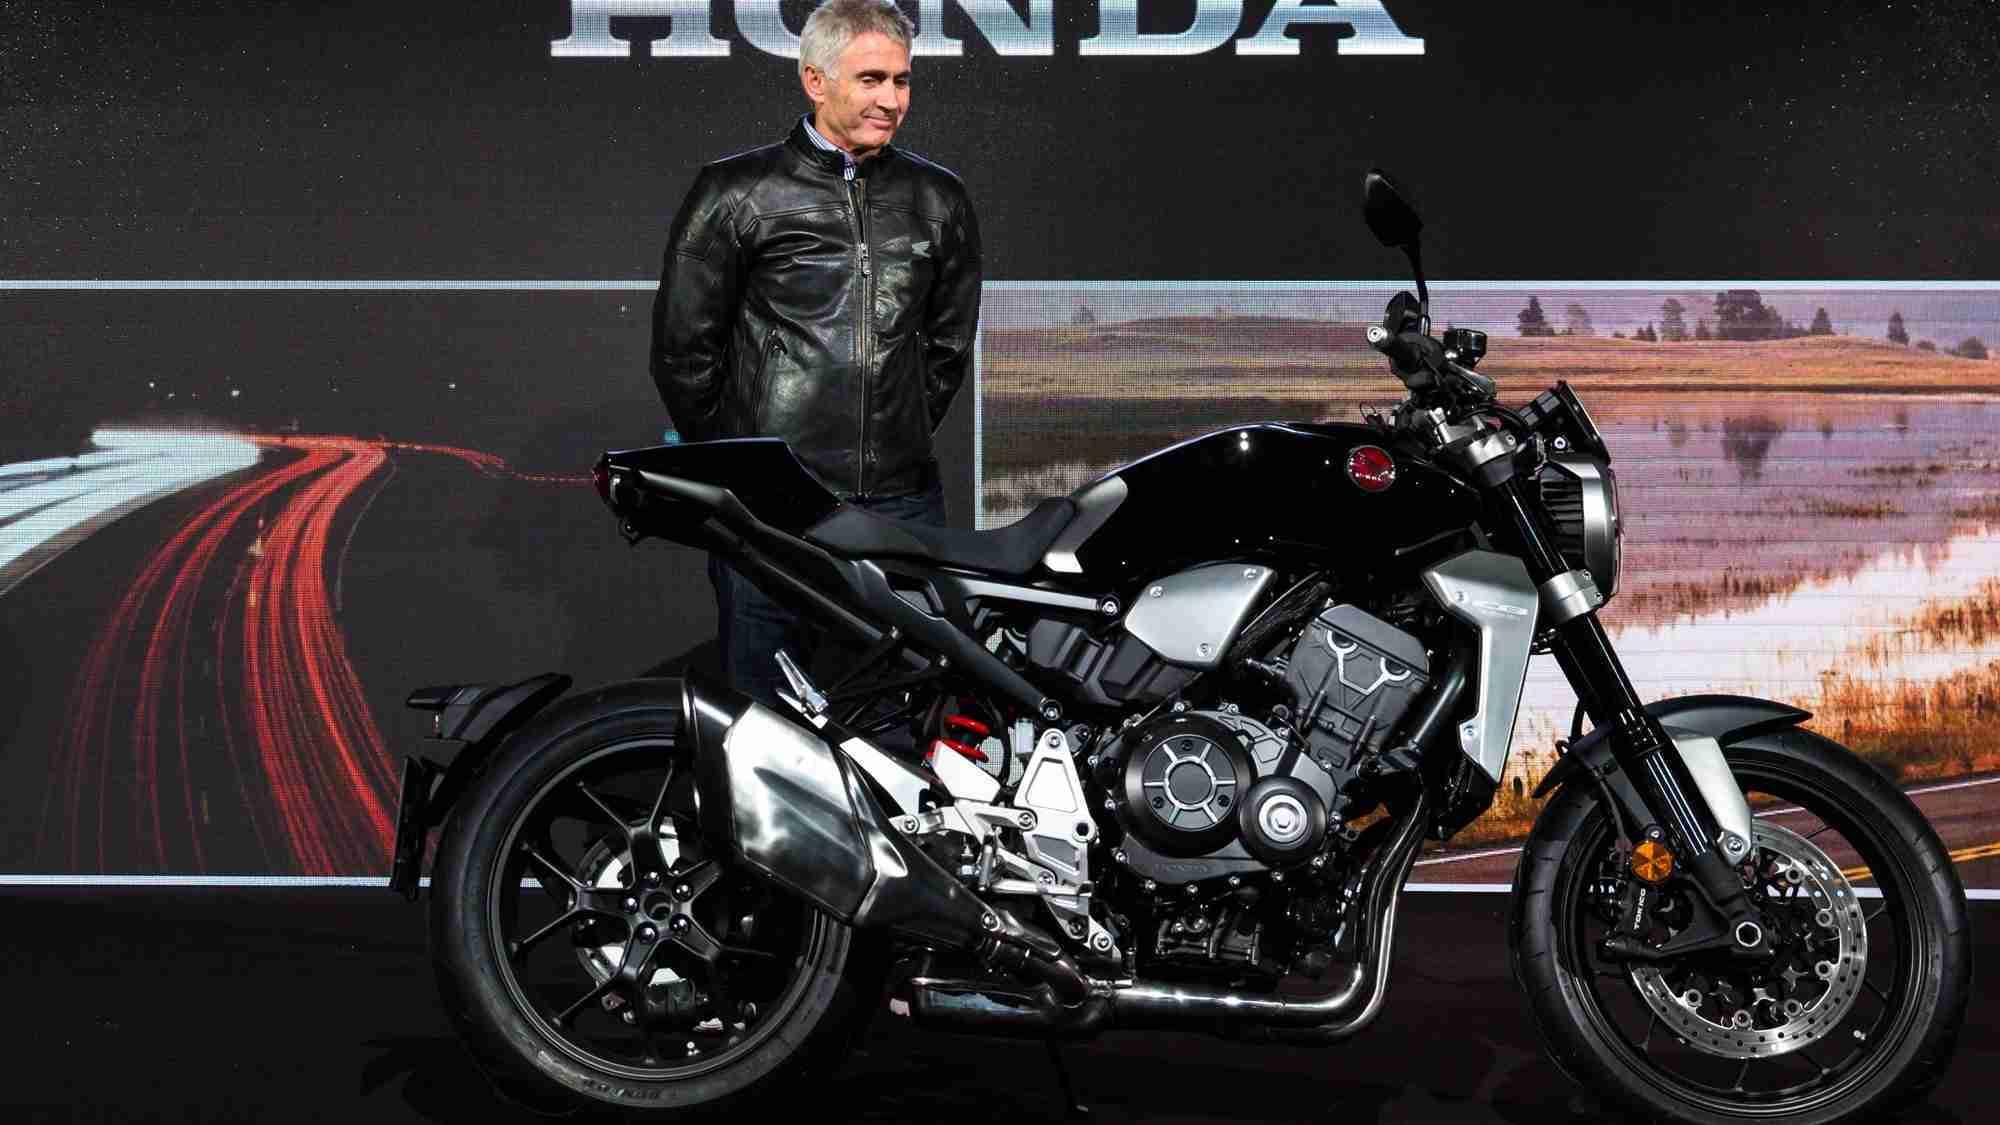 2018 Honda CB1000R images | IAMABIKER